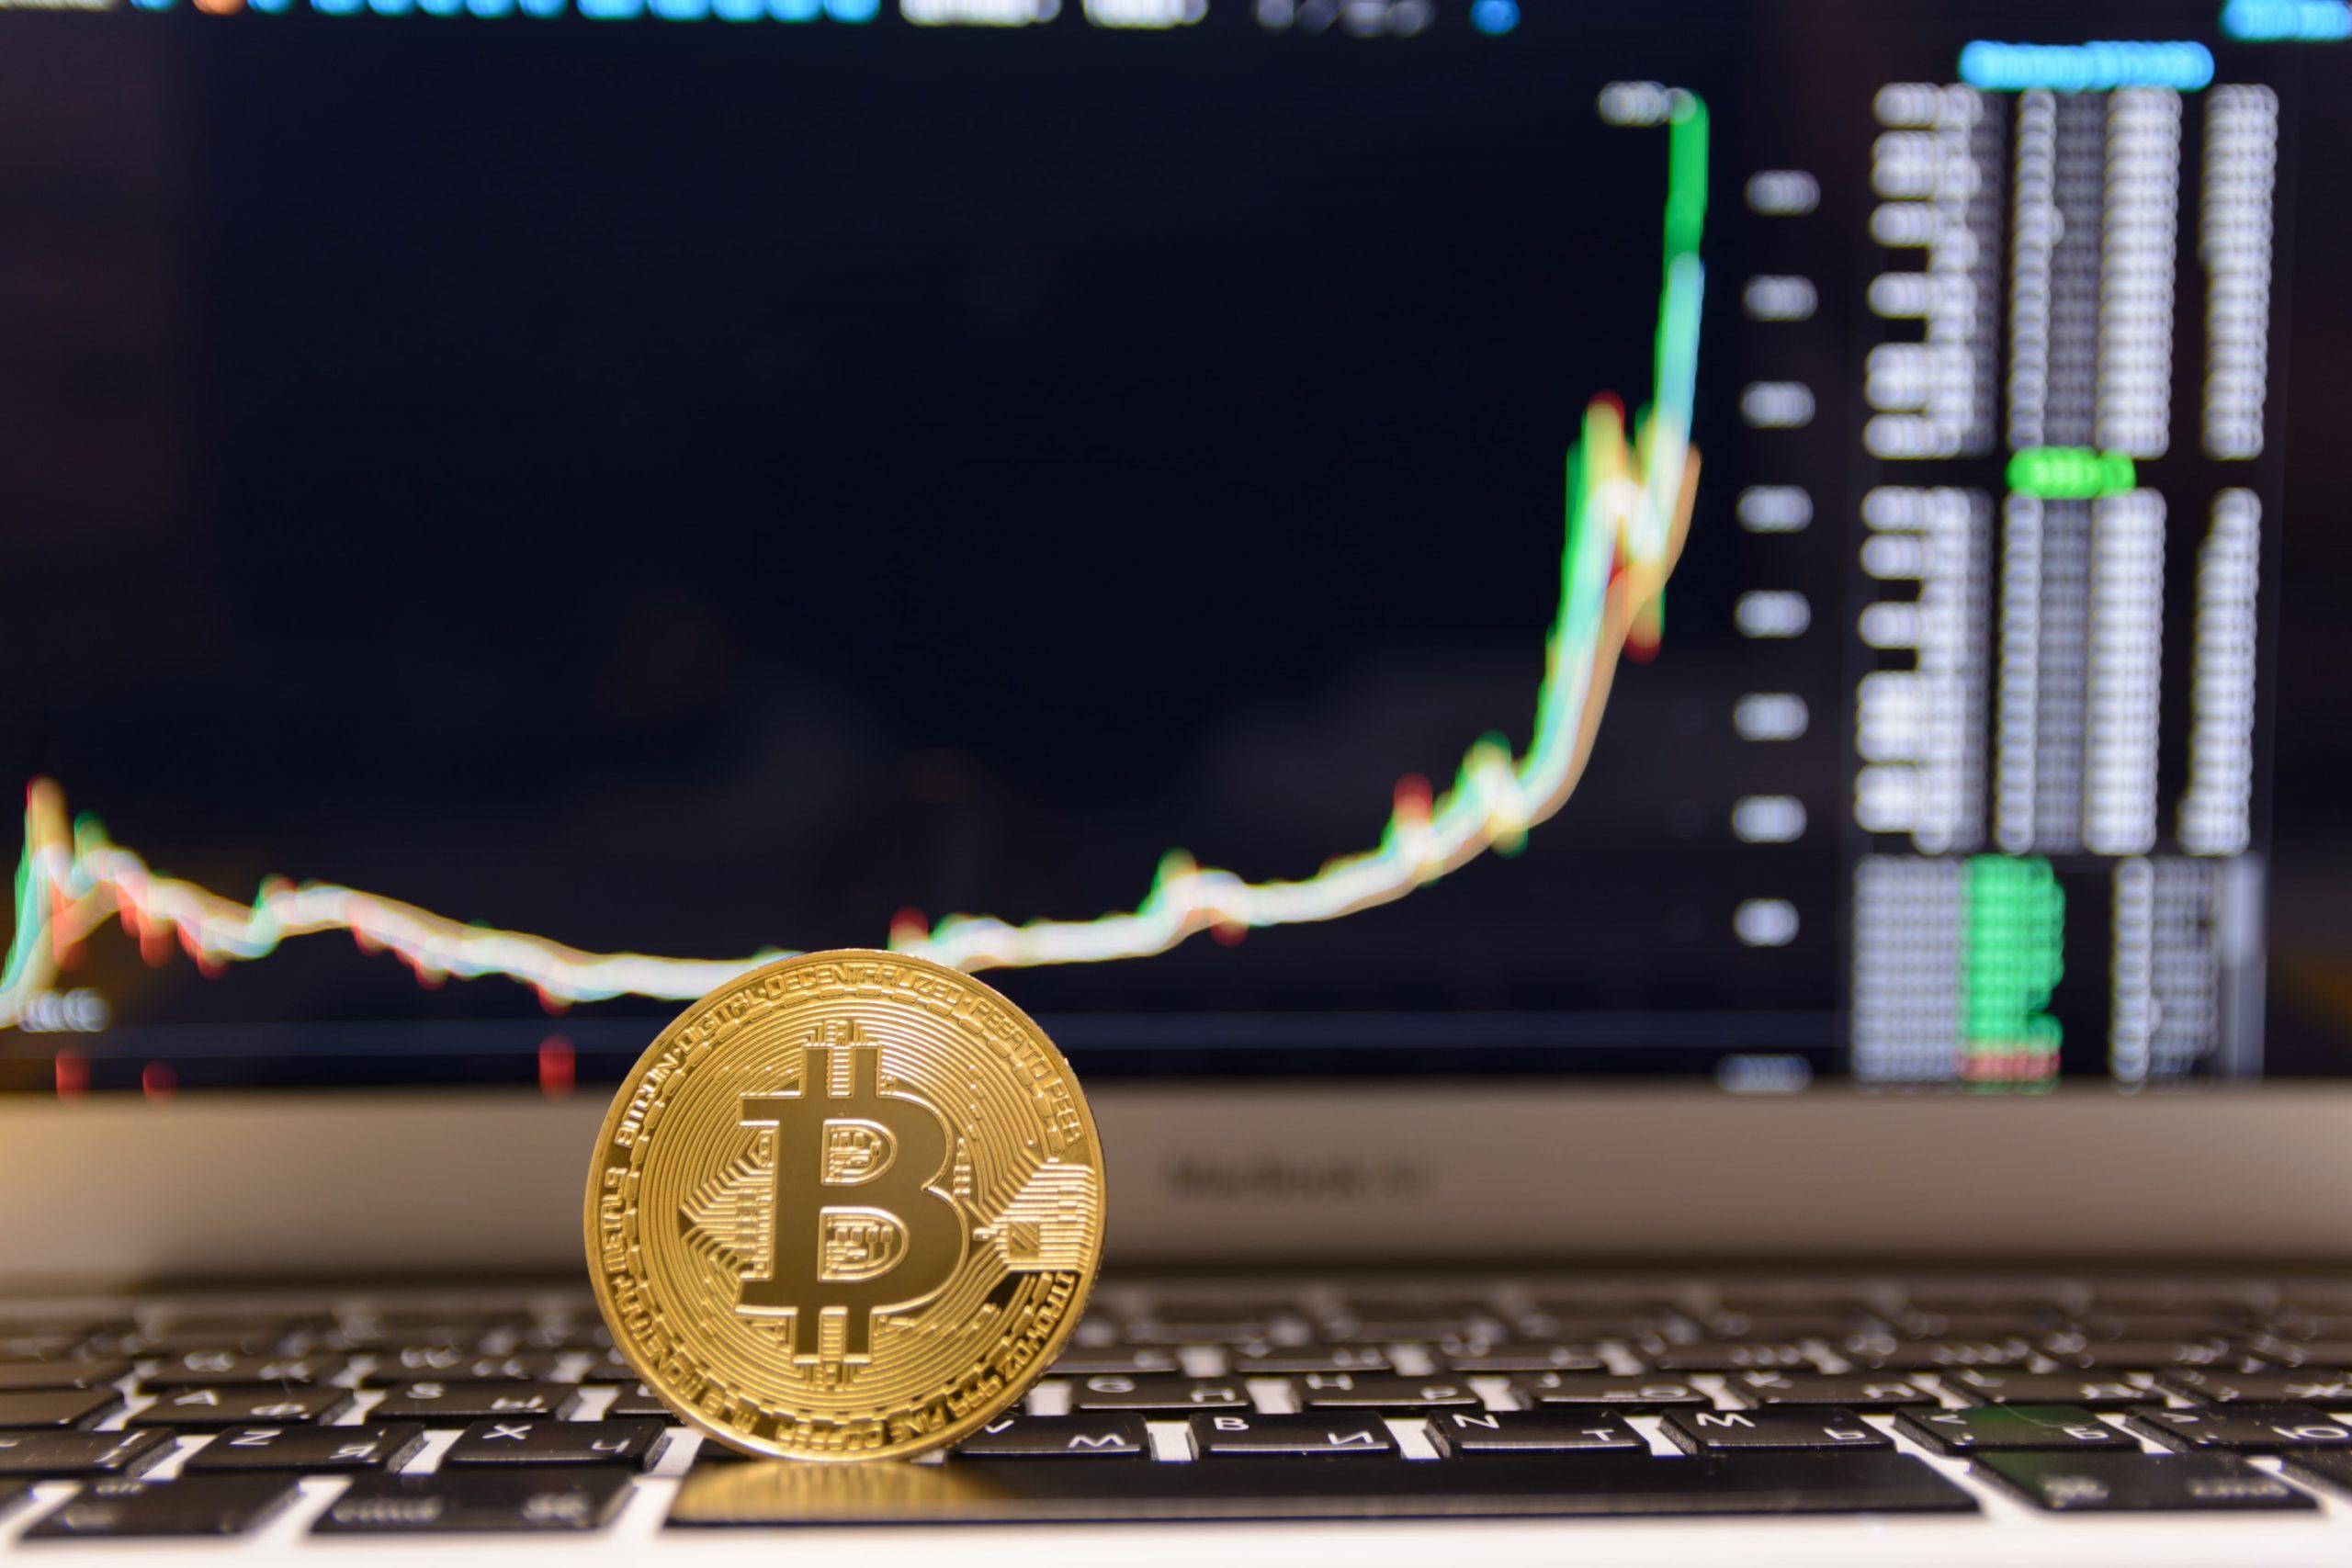 Bitcoin-Münze vor Chart mit BTC-Kurs